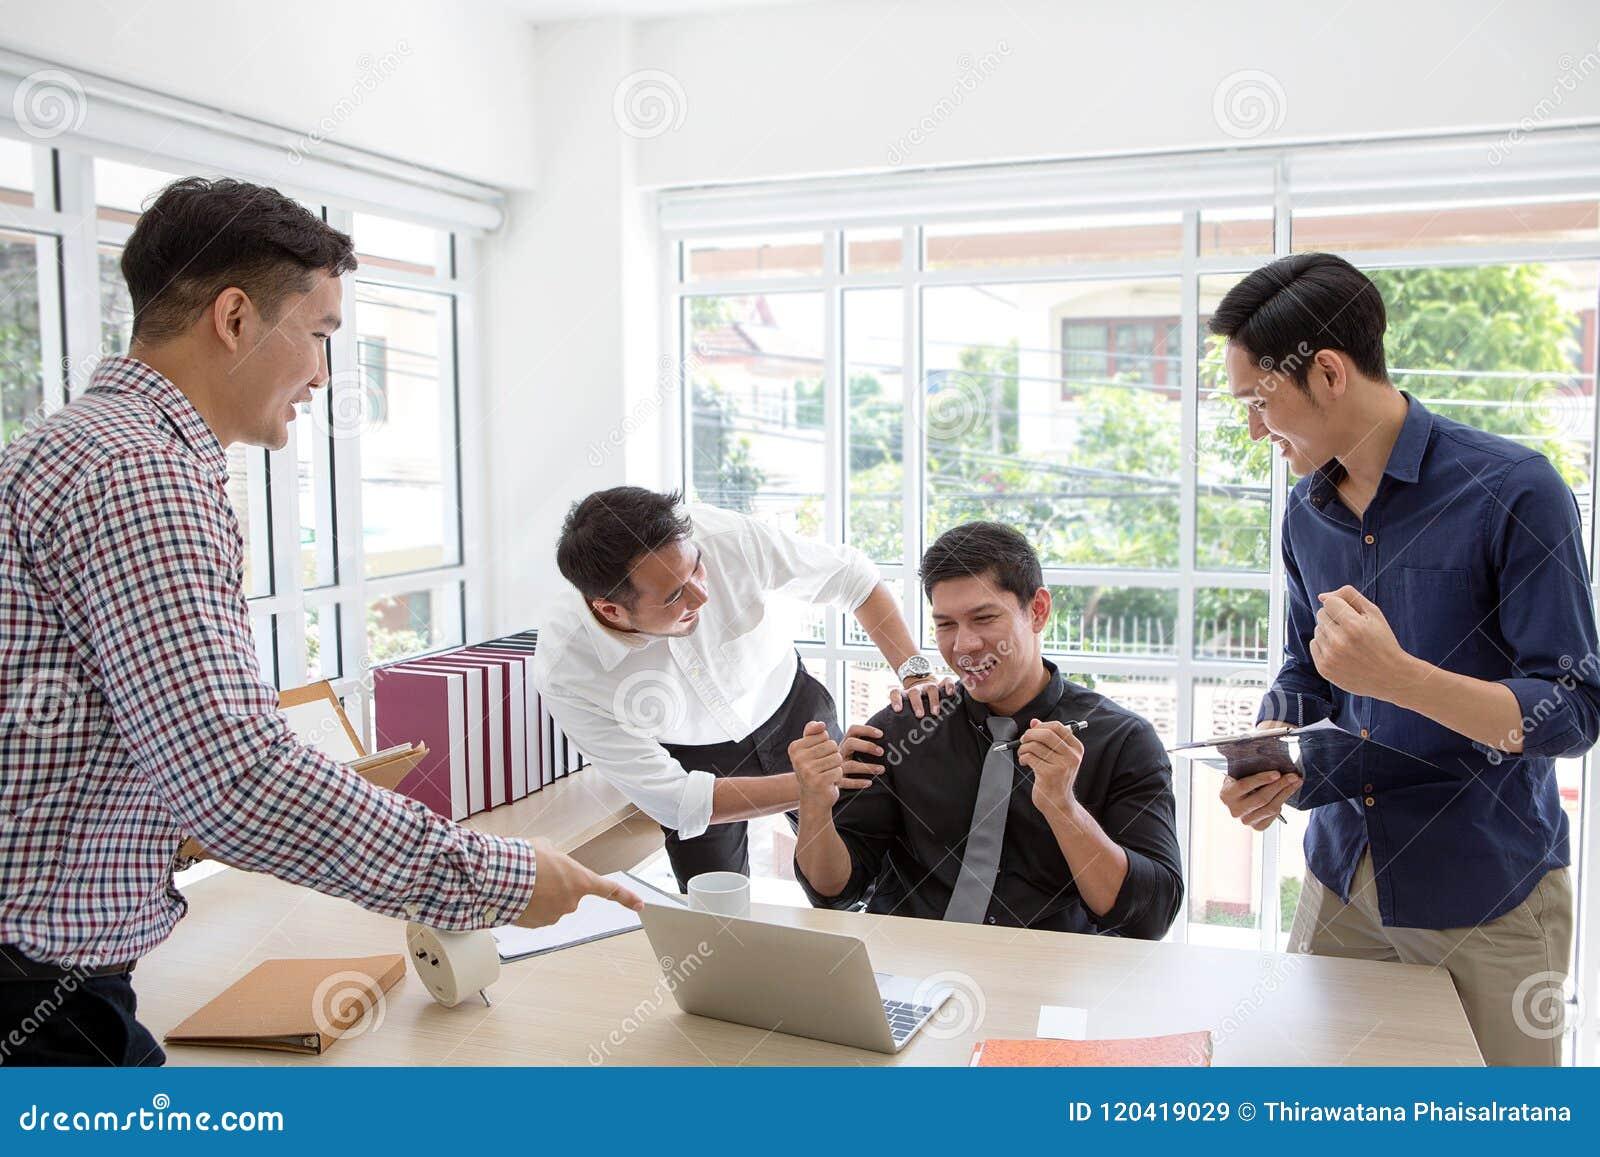 Feiern Sie Erfolg Geschäftsgruppe feiern einen guten Job in von